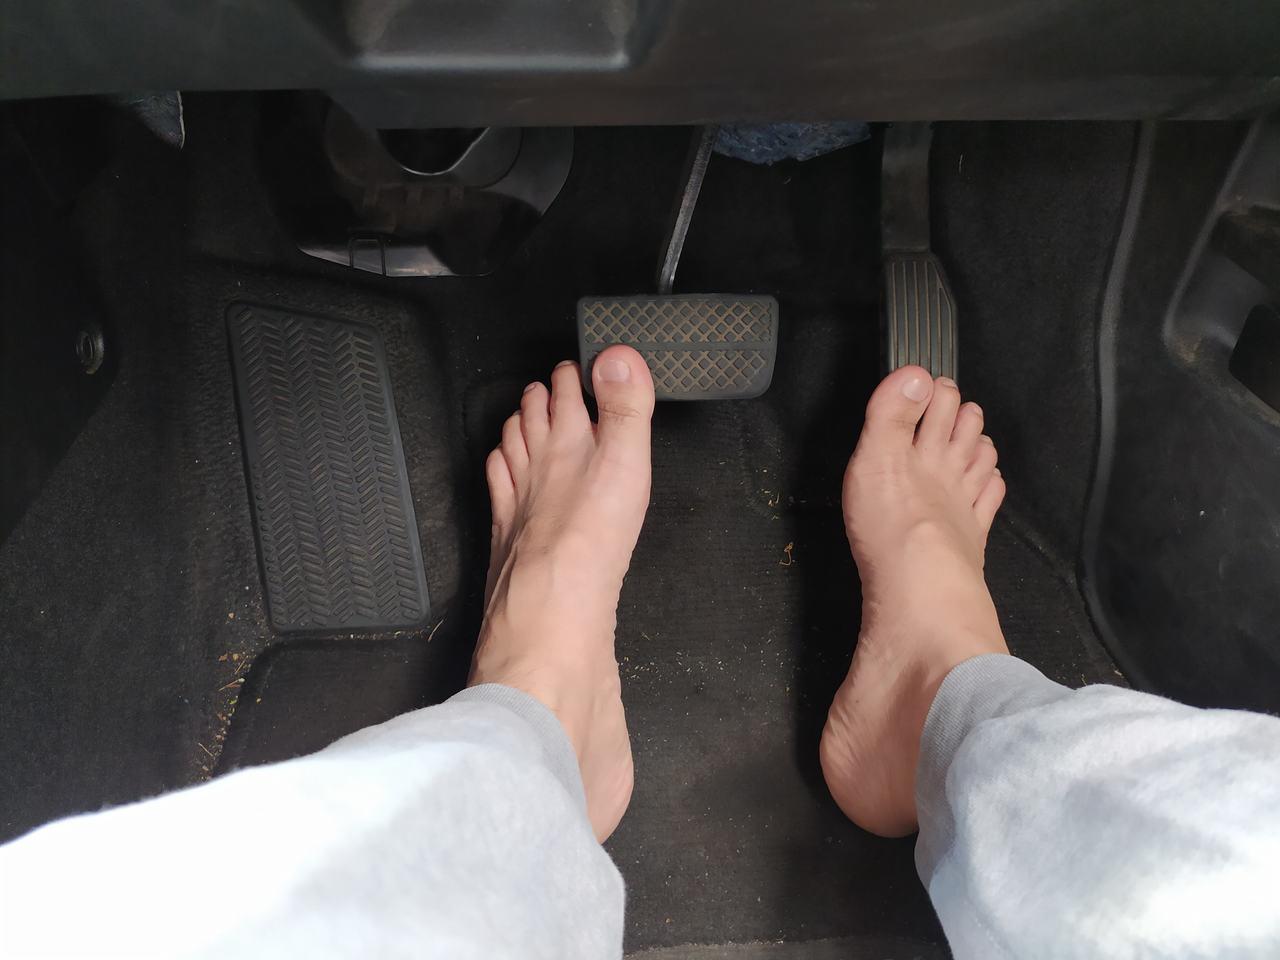 pés descalços no acelerador do carro